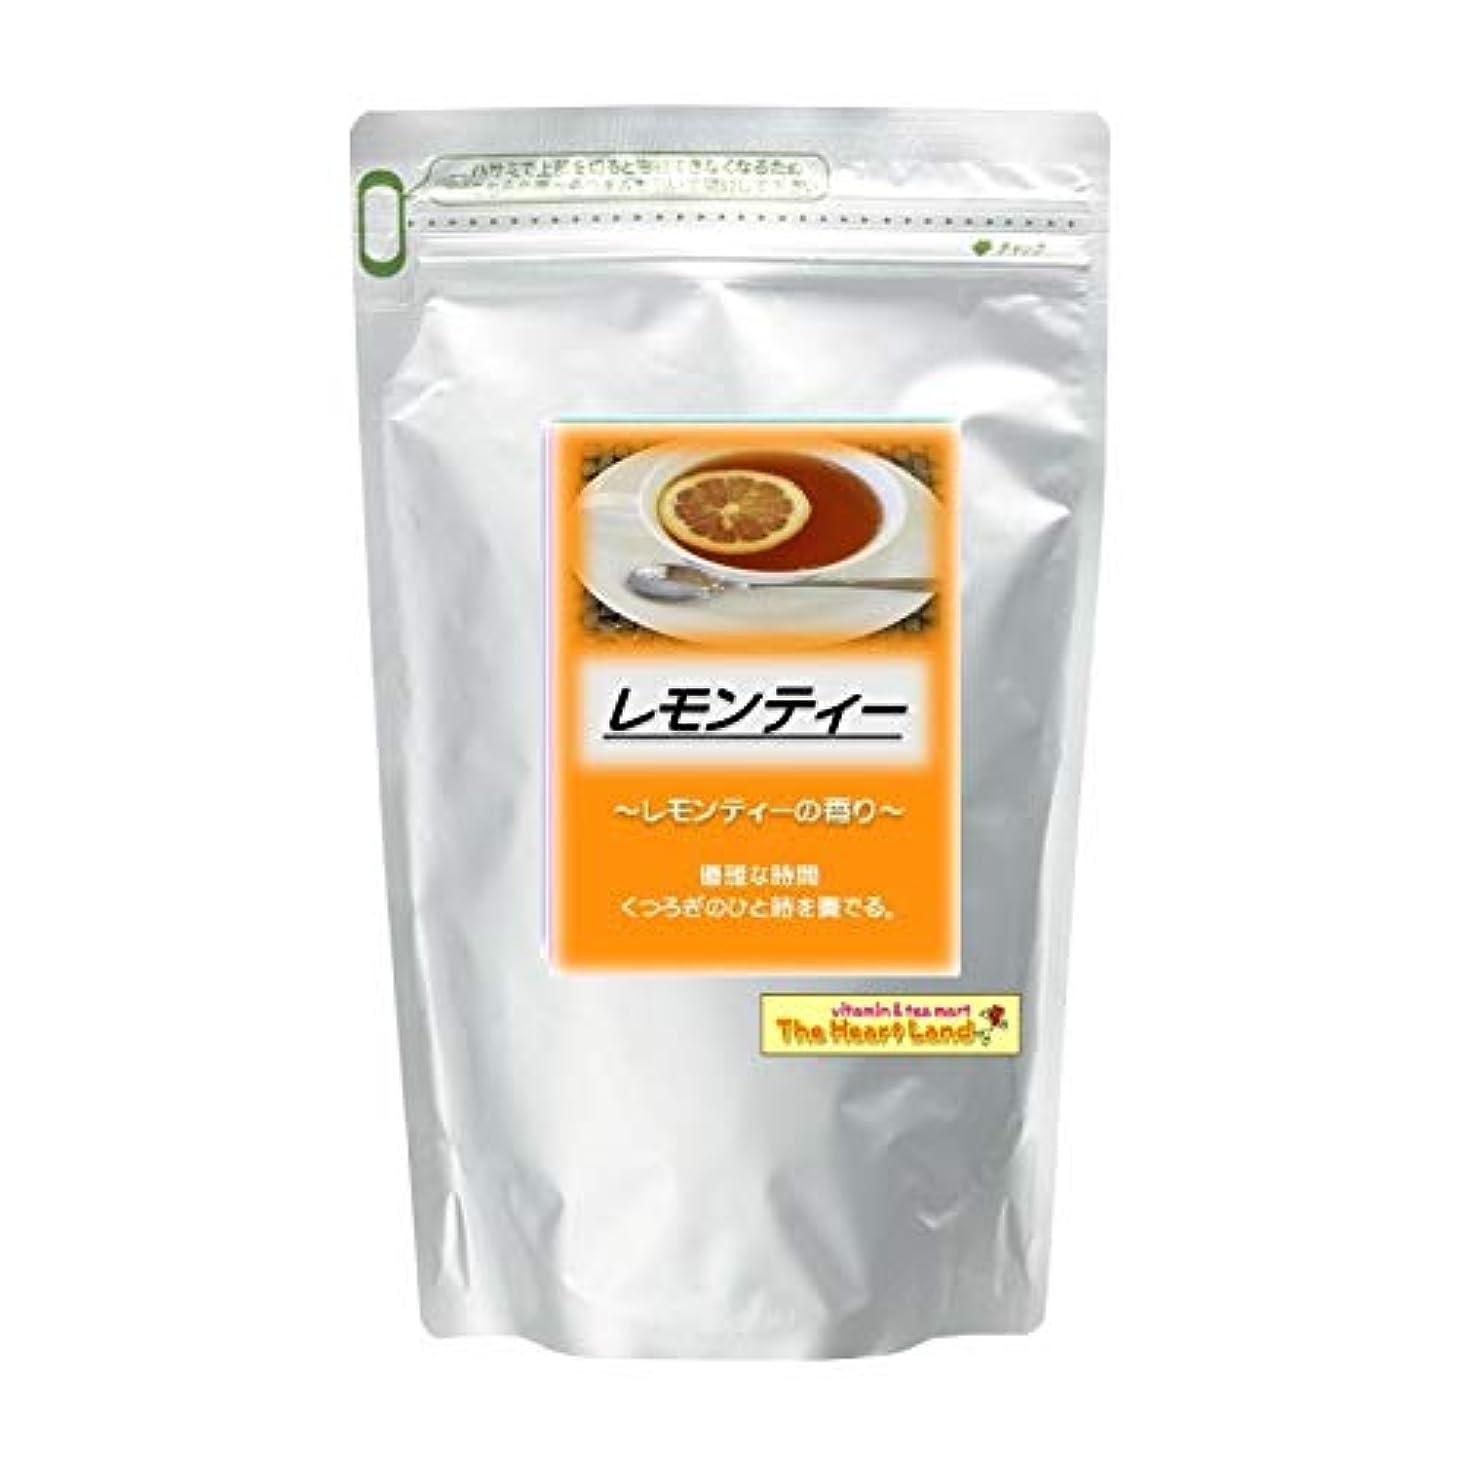 与える腹痛ミケランジェロアサヒ入浴剤 浴用入浴化粧品 レモンティー 300g